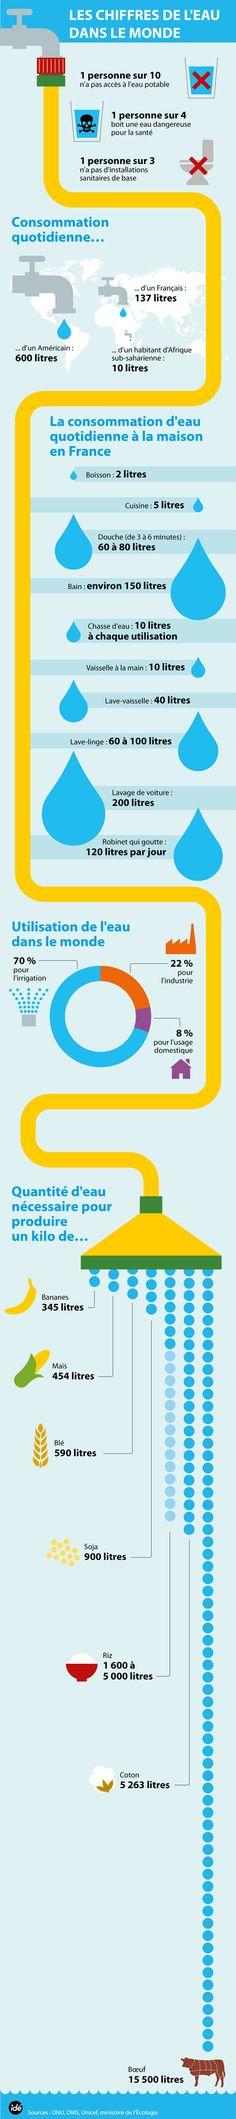 Fr8 La guerre aux déchets : Une infographie sur les grands chiffres de l'eau dans le monde - Futura sciences